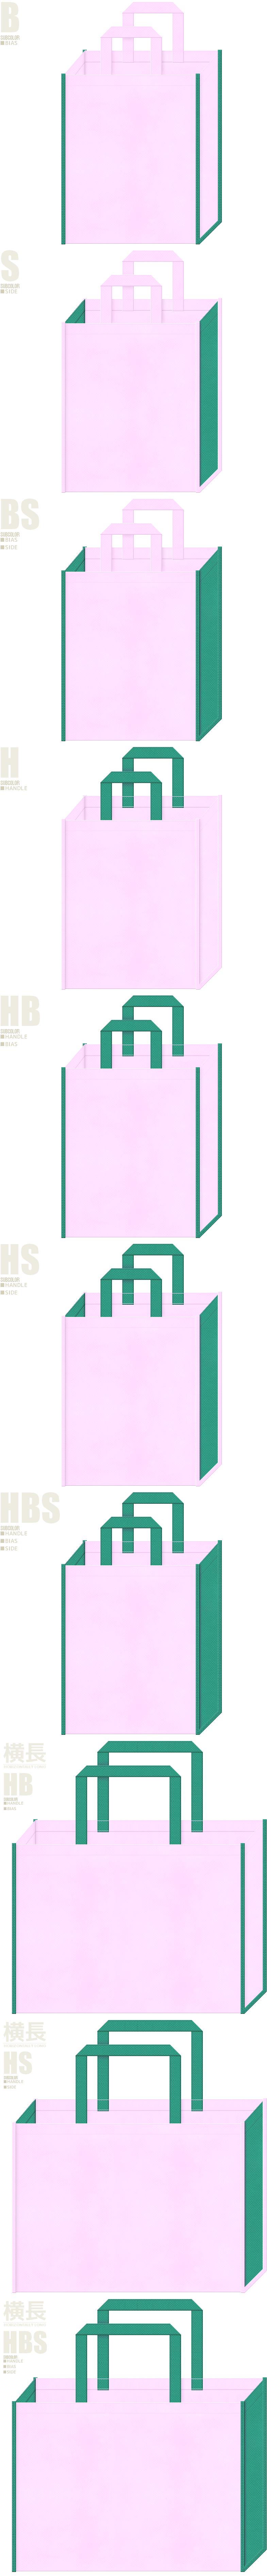 掃除・洗濯用品の展示会用バッグ・ランドリーバッグにお奨めの、明るめのピンク色と青緑色、7パターンの不織布トートバッグ配色デザイン例。